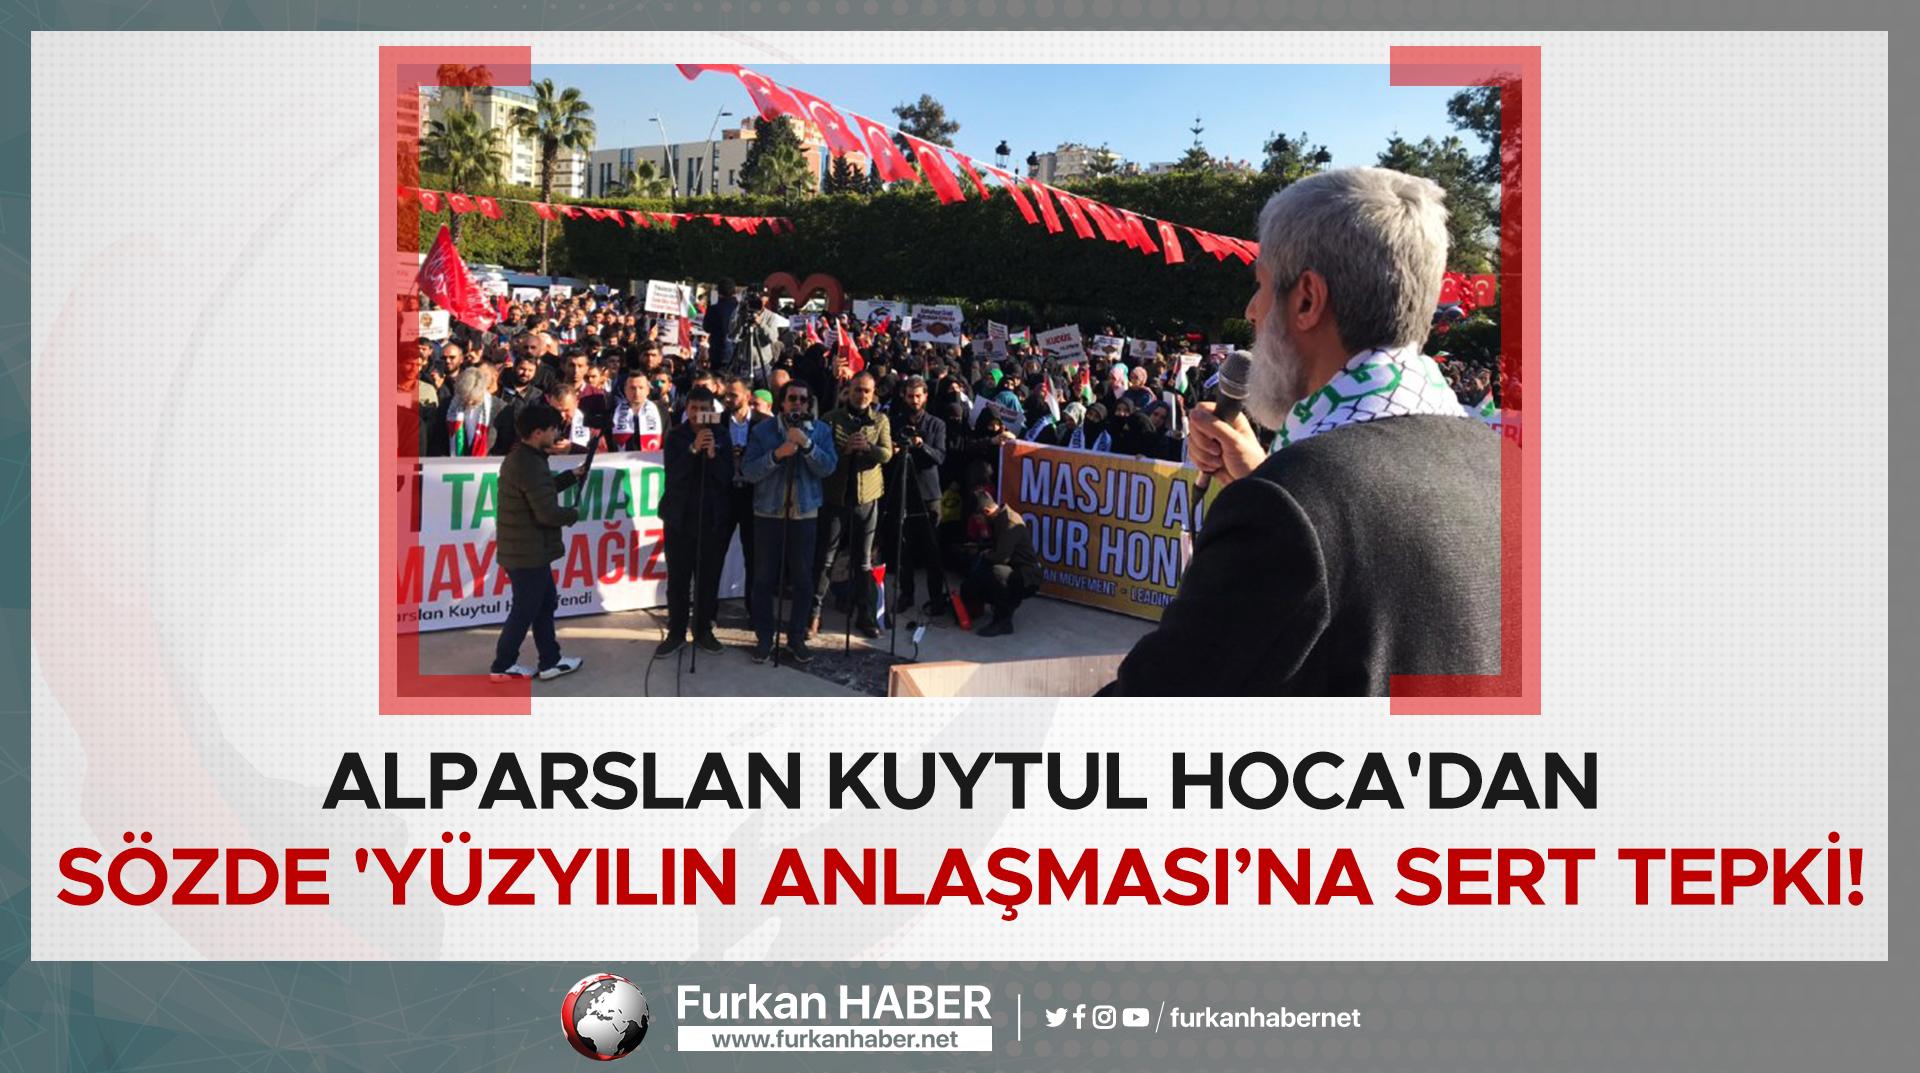 Alparslan Kuytul Hoca'dan sözde 'Yüzyılın Anlaşmasına' Sert Tepki!